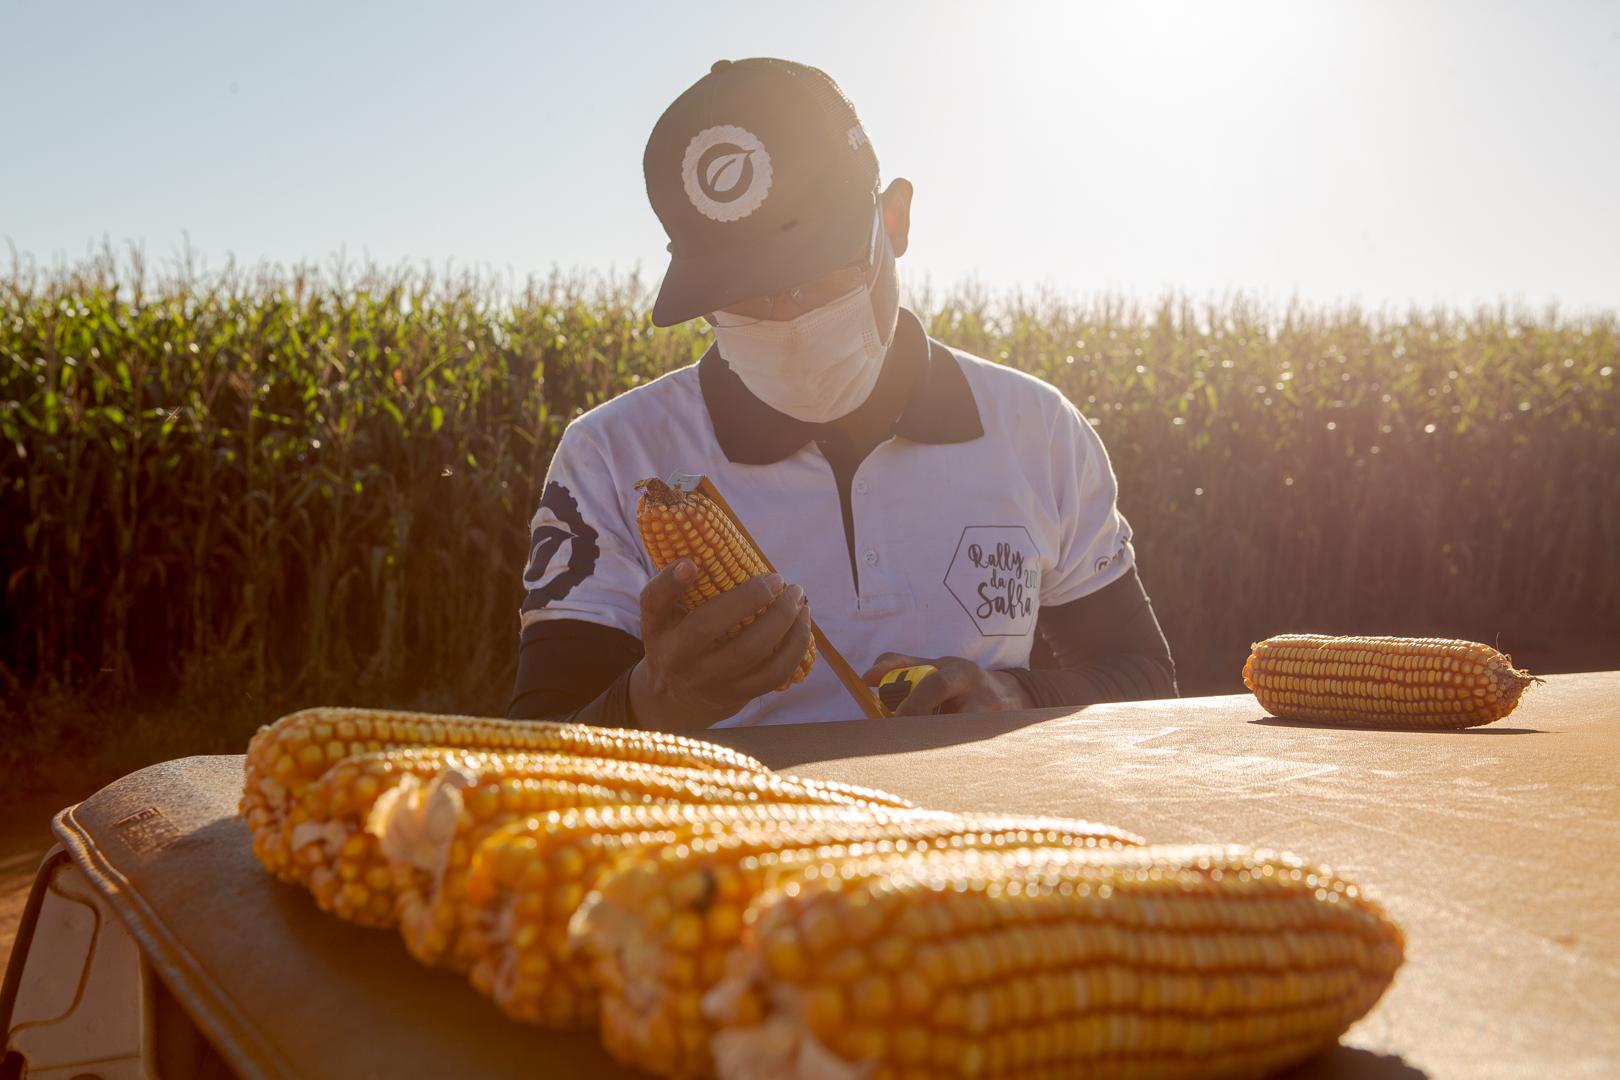 segunda safra de milho será avaliada pelas equipes do Rally da Safra no Paraná e no Mato Grosso do Sul